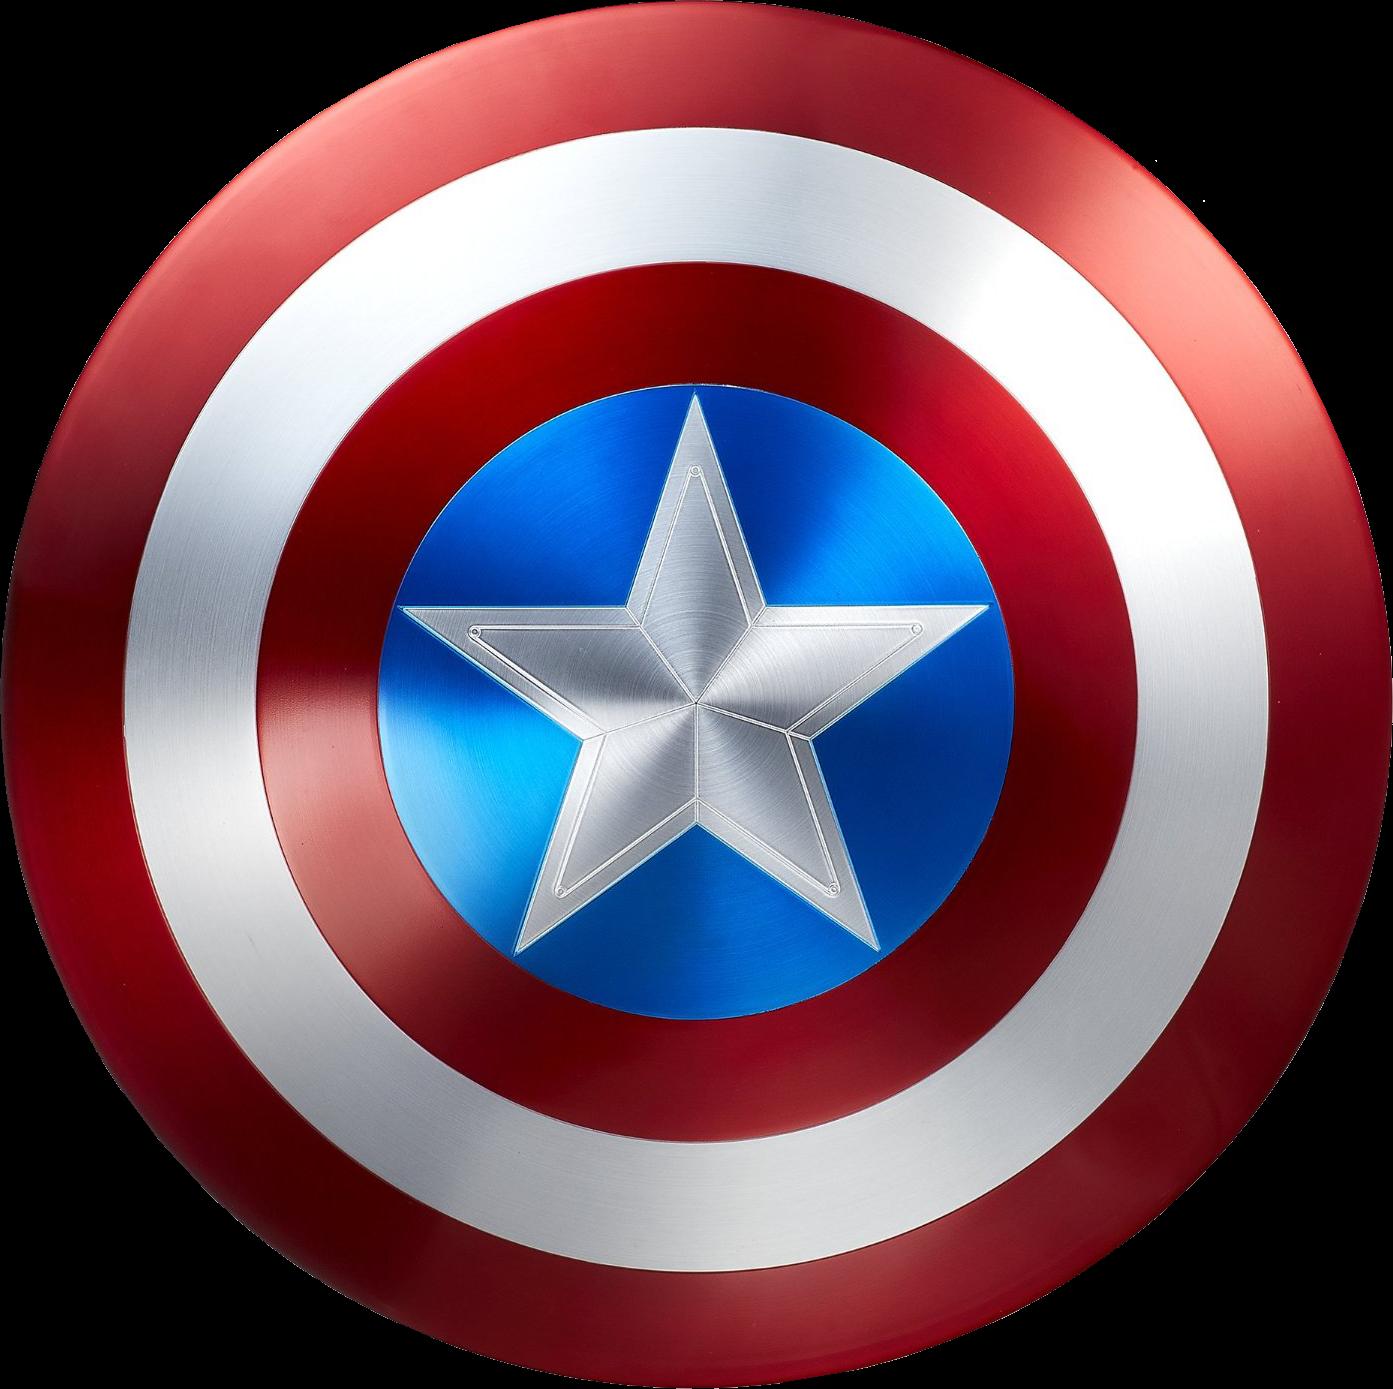 Captain America Shield Clipart.